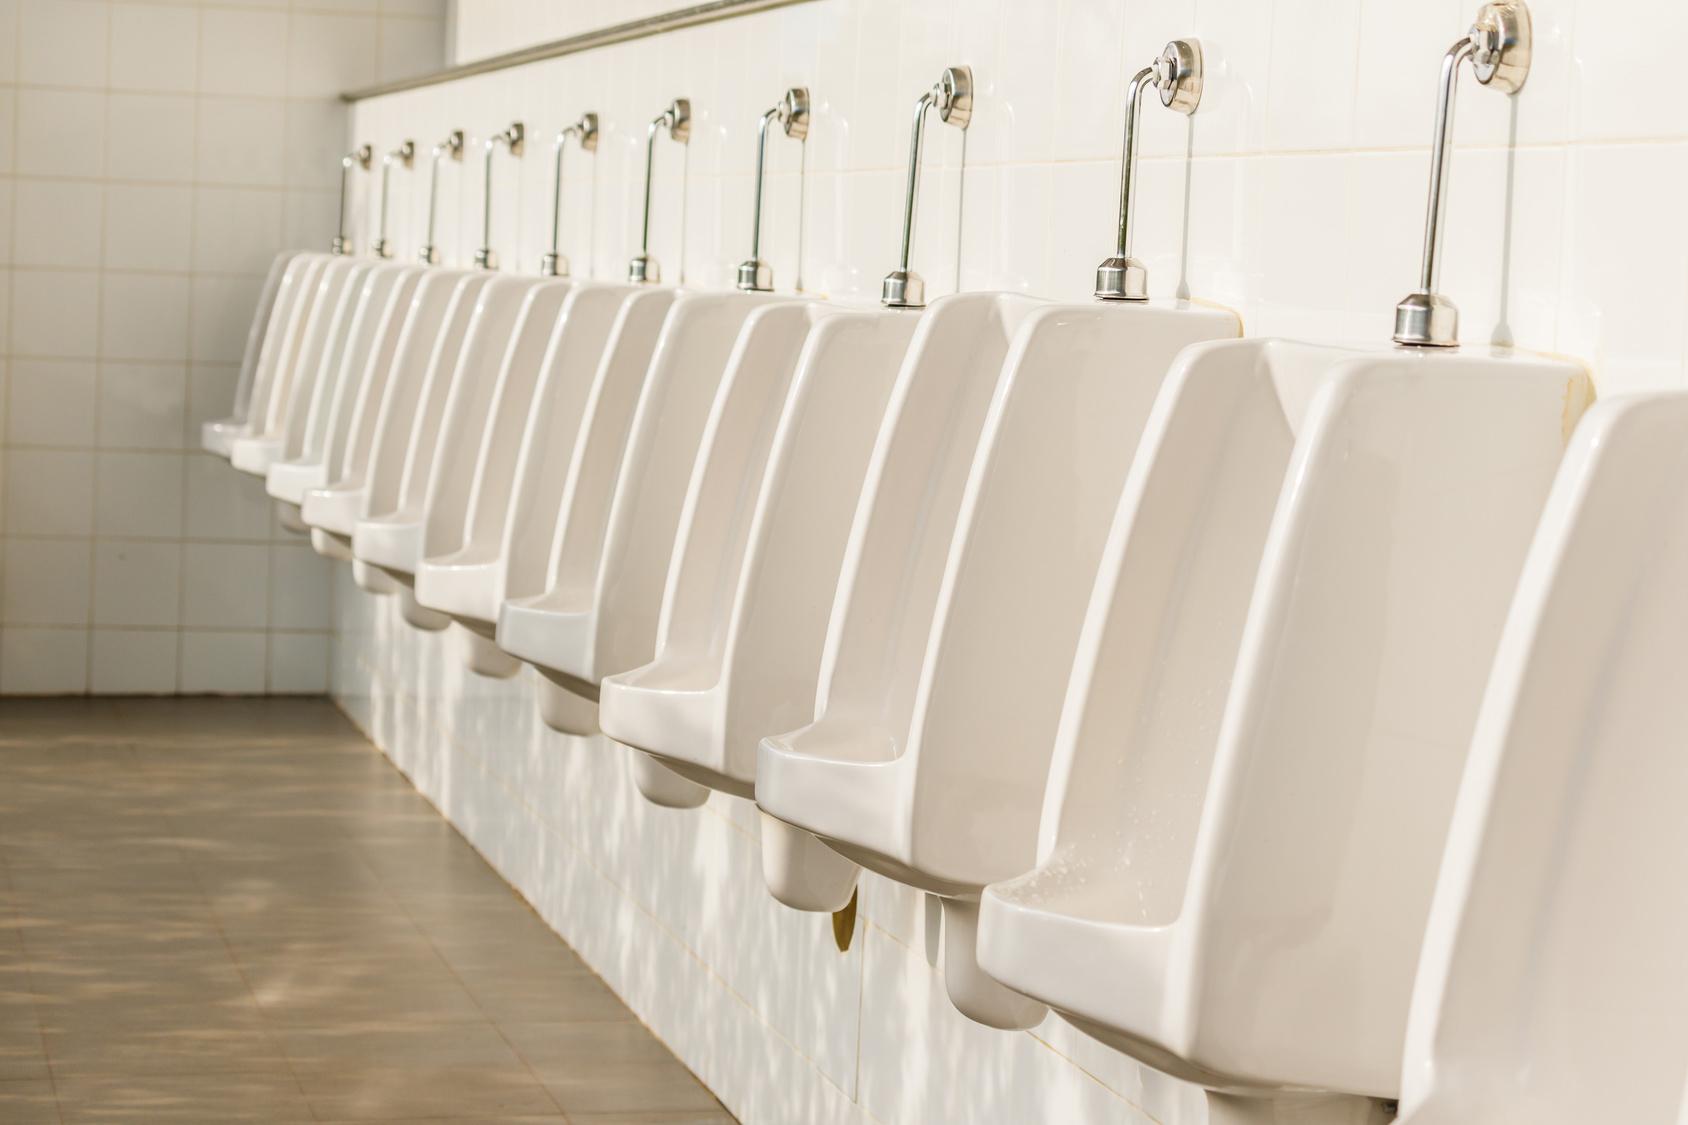 waterless urinals and urine splash back